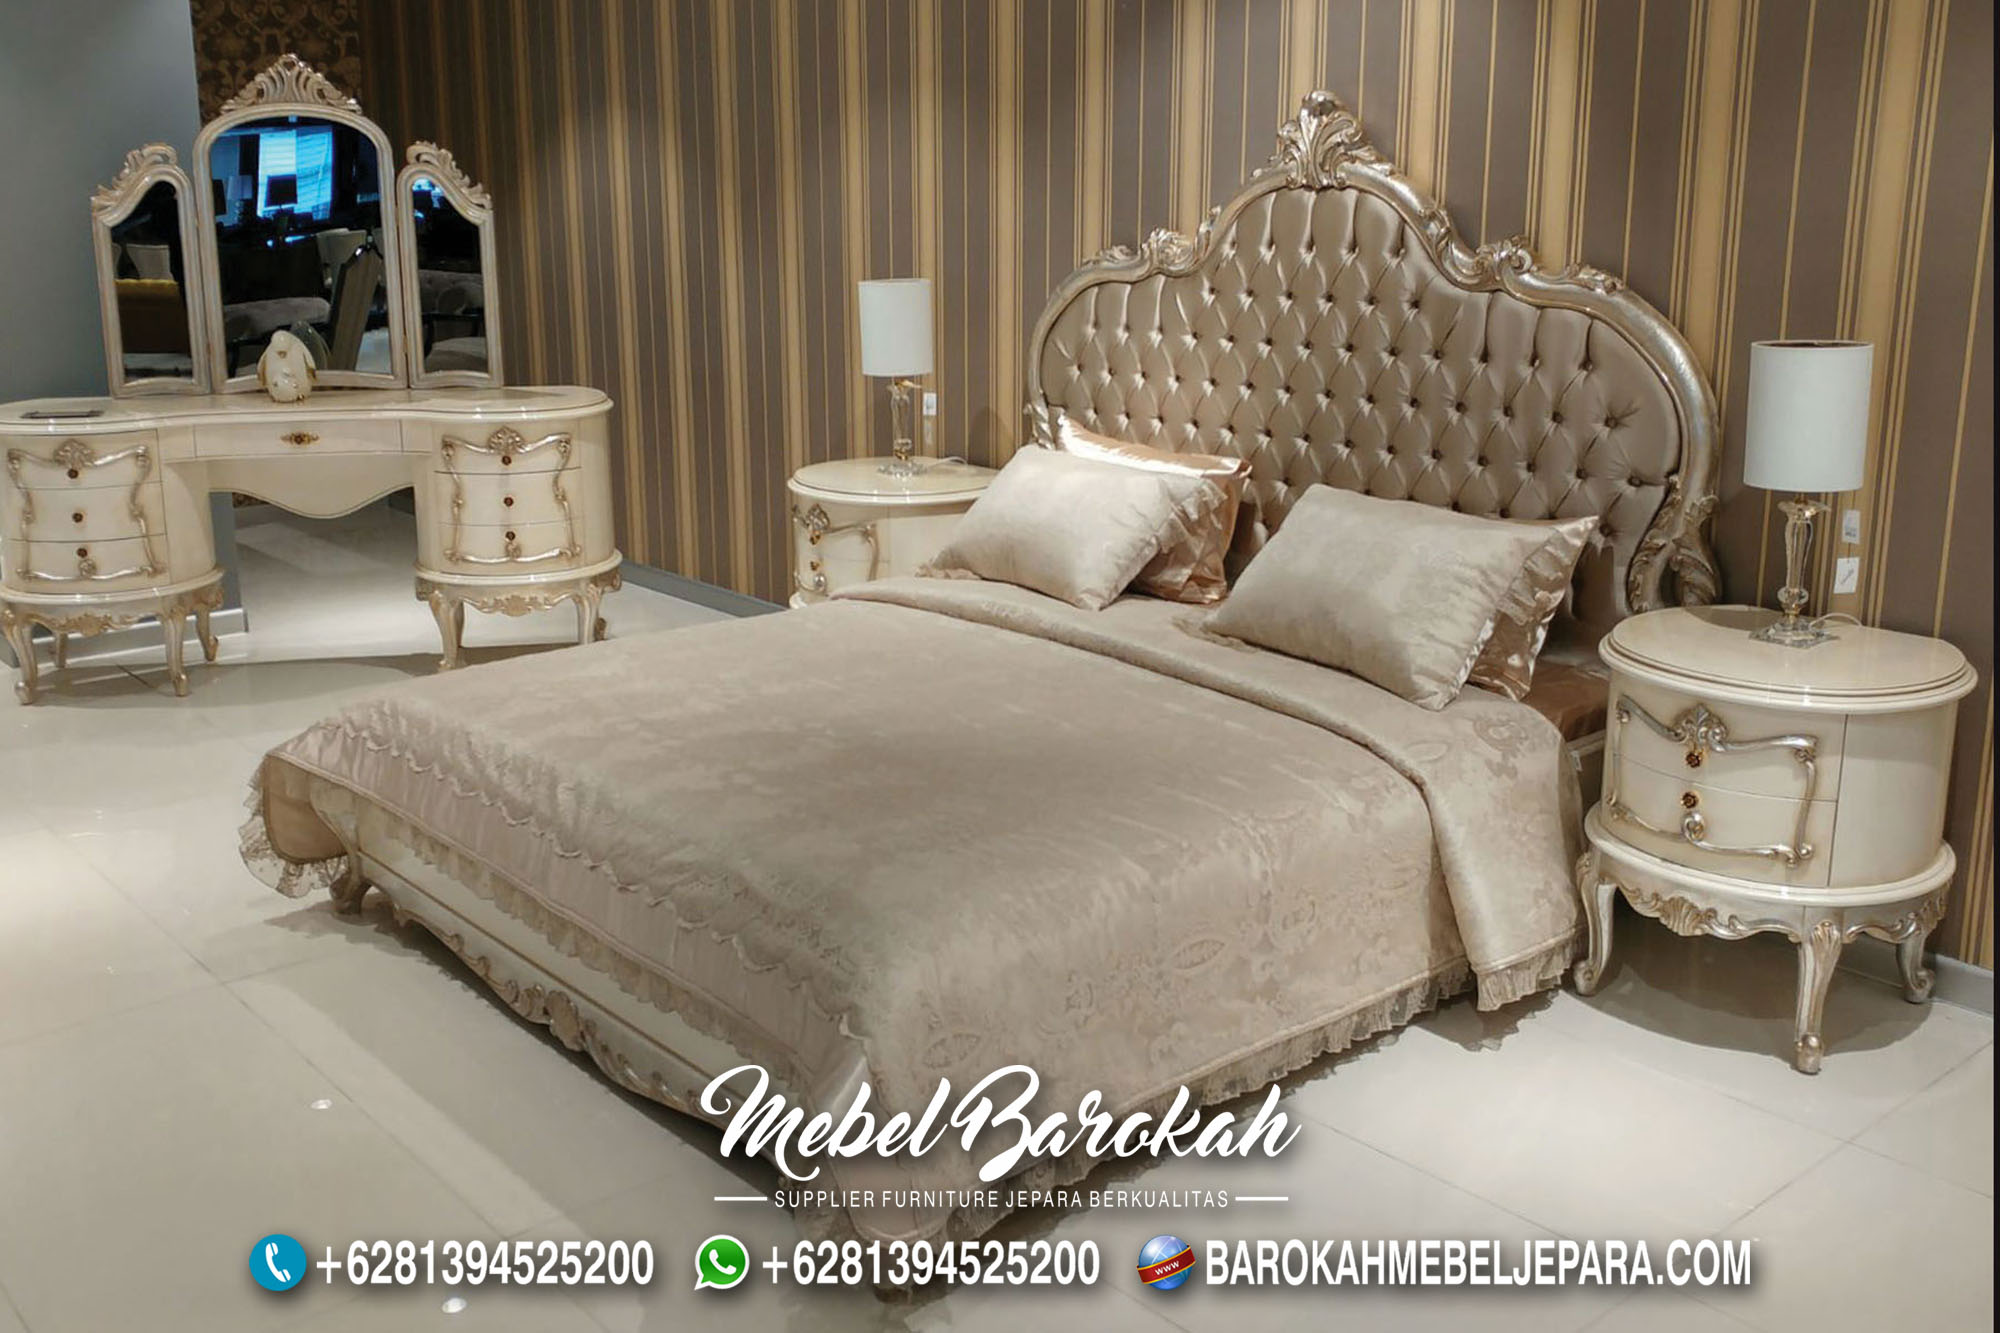 Desain Tempat Tidur Ukir Simple Elegan MB-712